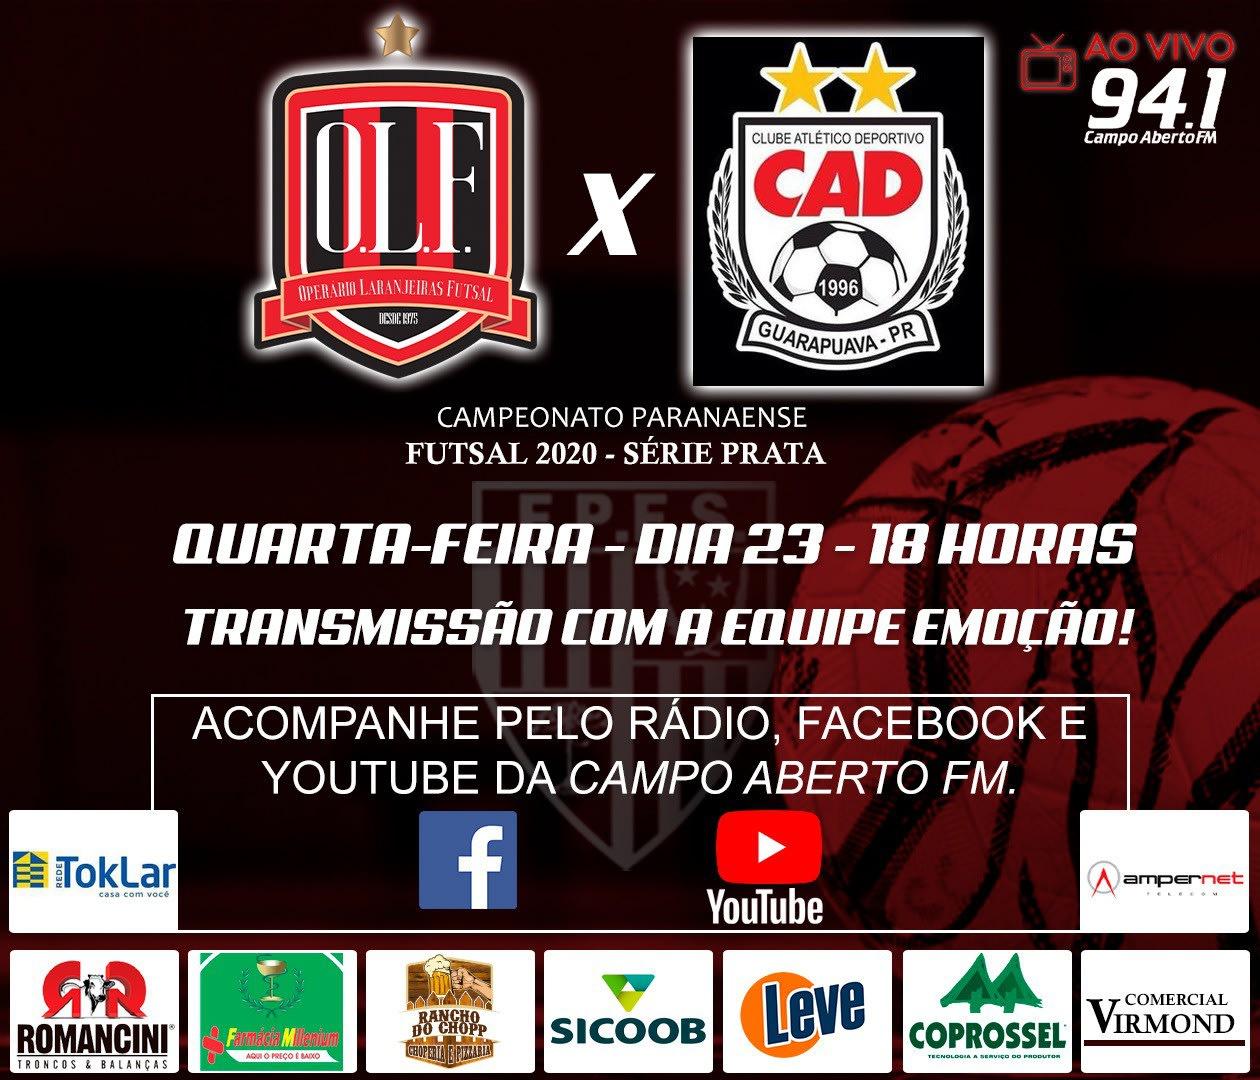 Partida entre Operário x CAD pelo Paranaense de Futsal Chave Prata é transferida.